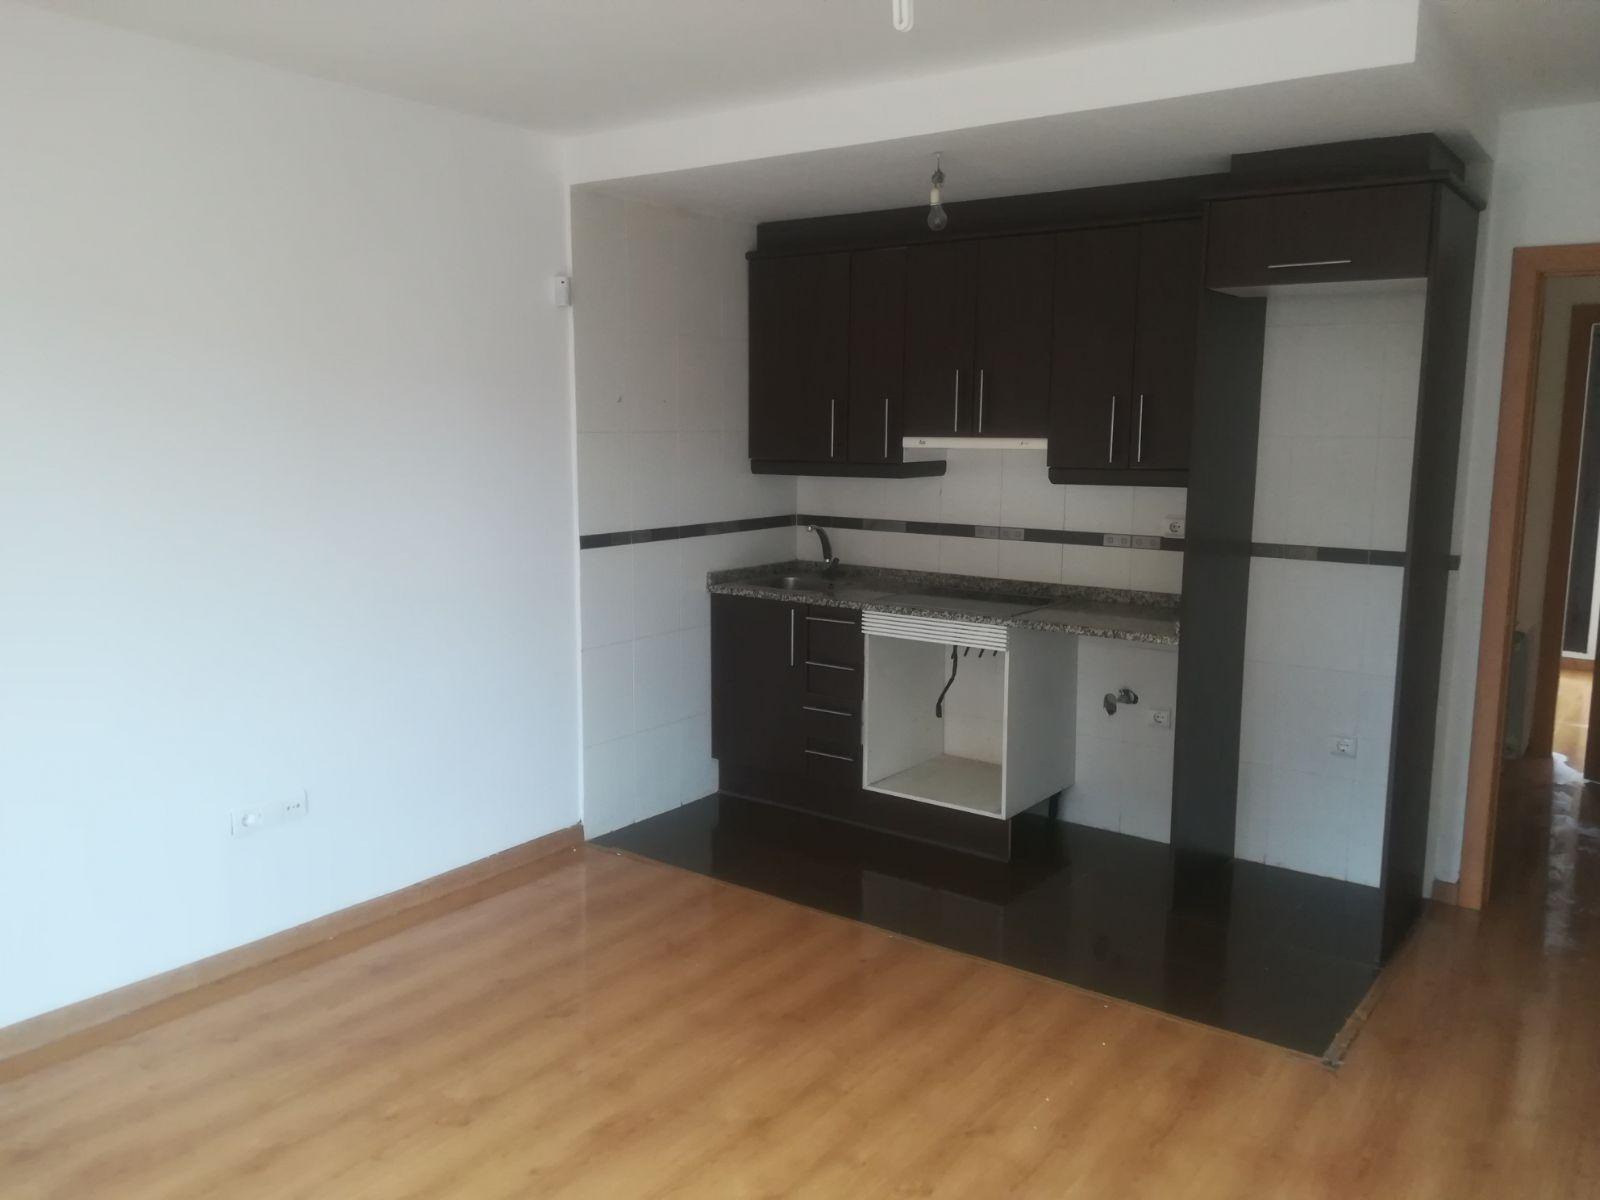 Piso en venta en Sabiñánigo, Huesca, Calle Mariano Sanchez Gaston, 71.000 €, 2 habitaciones, 1 baño, 46 m2